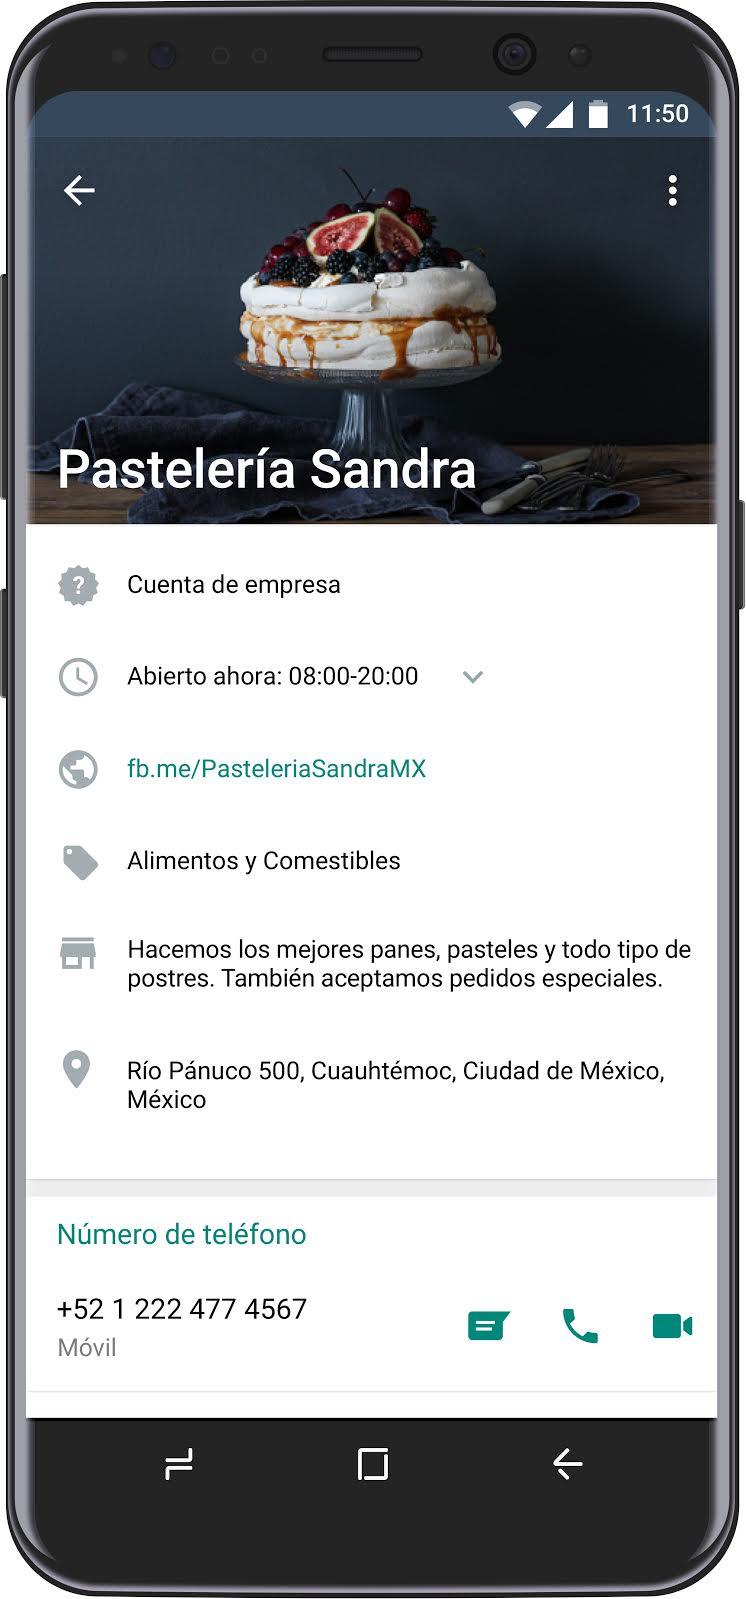 WhatsApp Business (WhatsApp para Negocios)